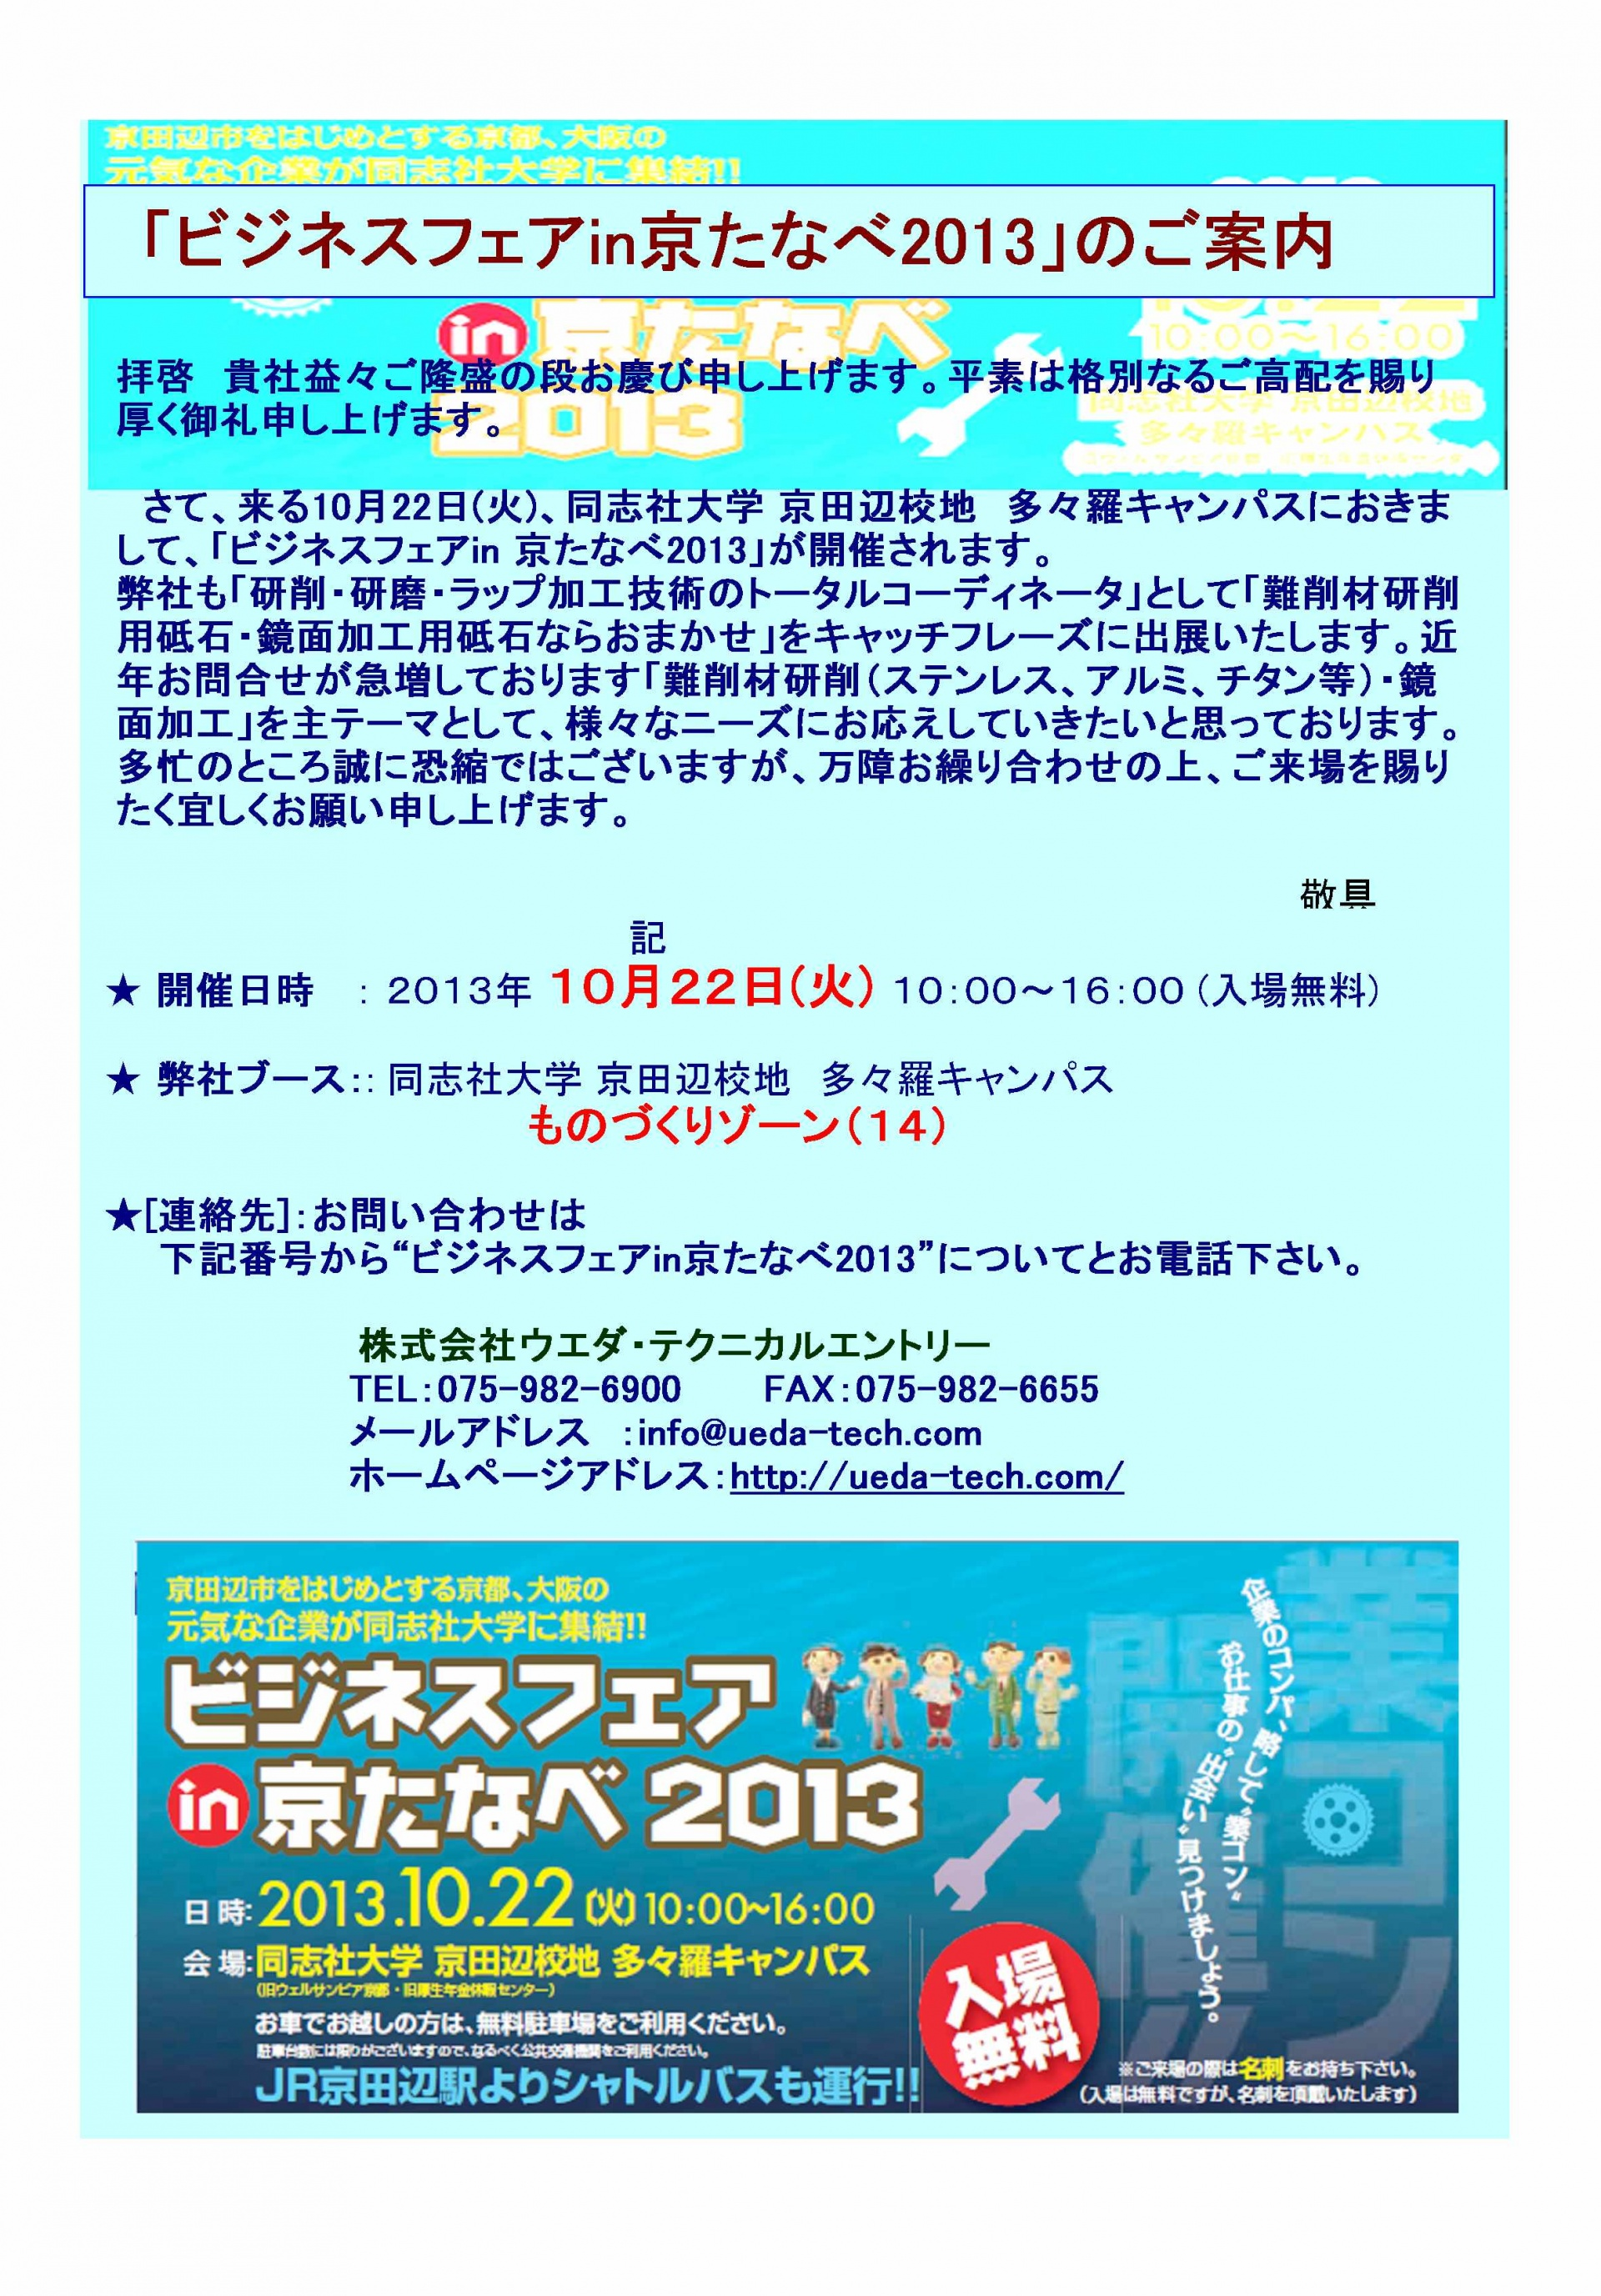 ビジネスフェア in 京たなべ 2013